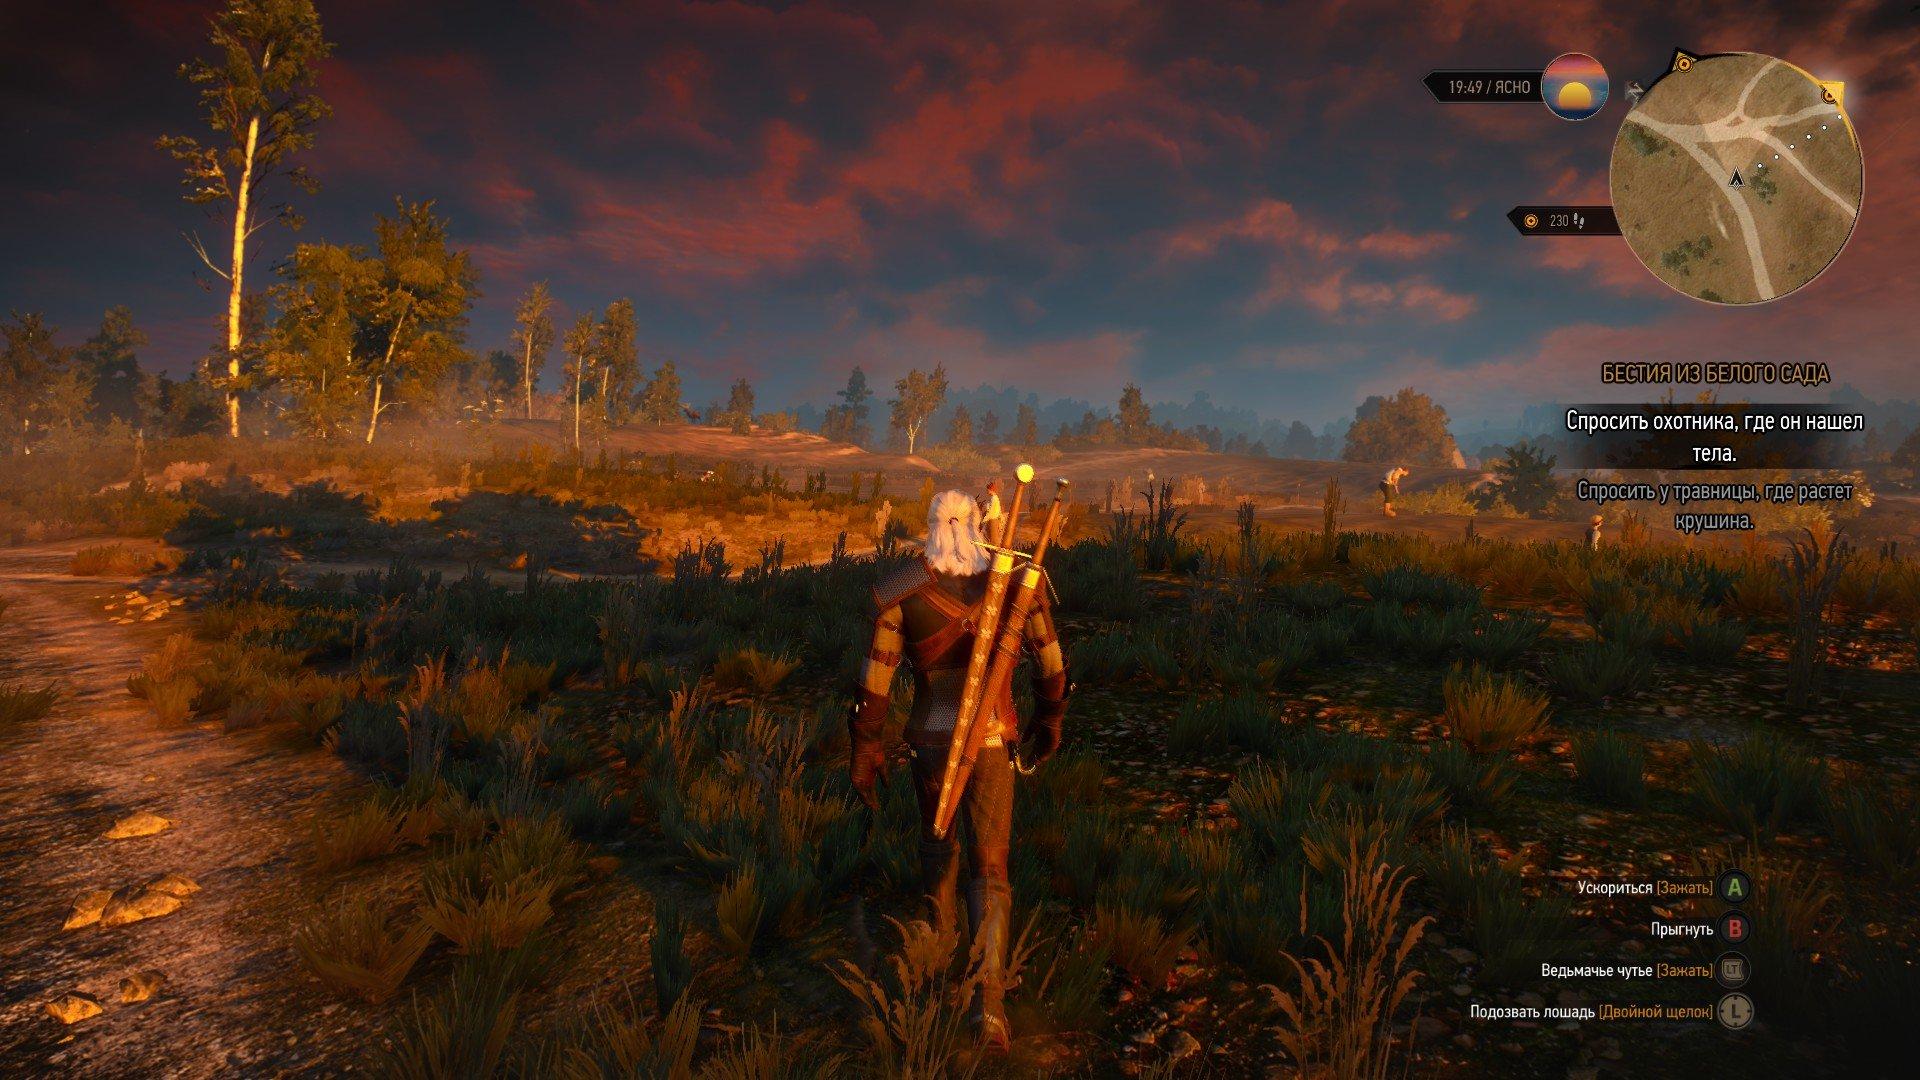 The Witcher 3: Wild Hunt. Подробности патча 1.08.   Патч 1.08 должен подготовить игру к выходу 16-го длс, улучшить о .... - Изображение 3